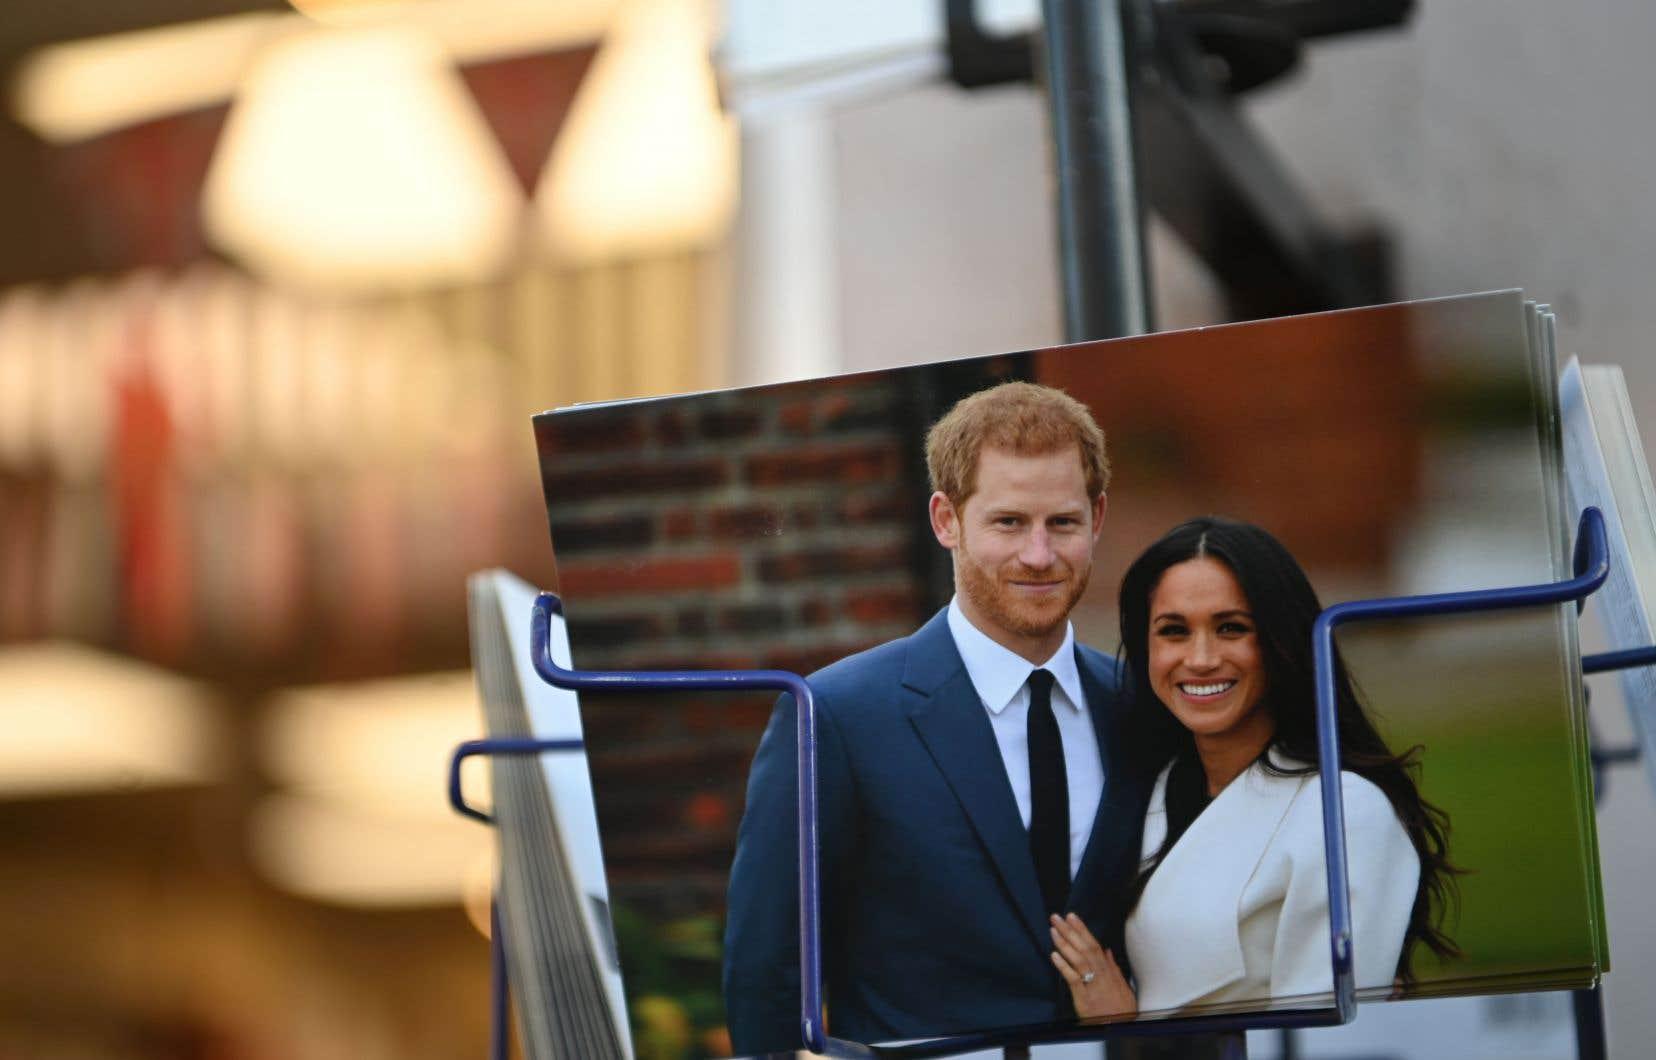 Les tabloïds britanniques sont très critiques des supposés caprices de l'épouse du prince Harry, Meghan Markle, et de son luxueux train de vie.